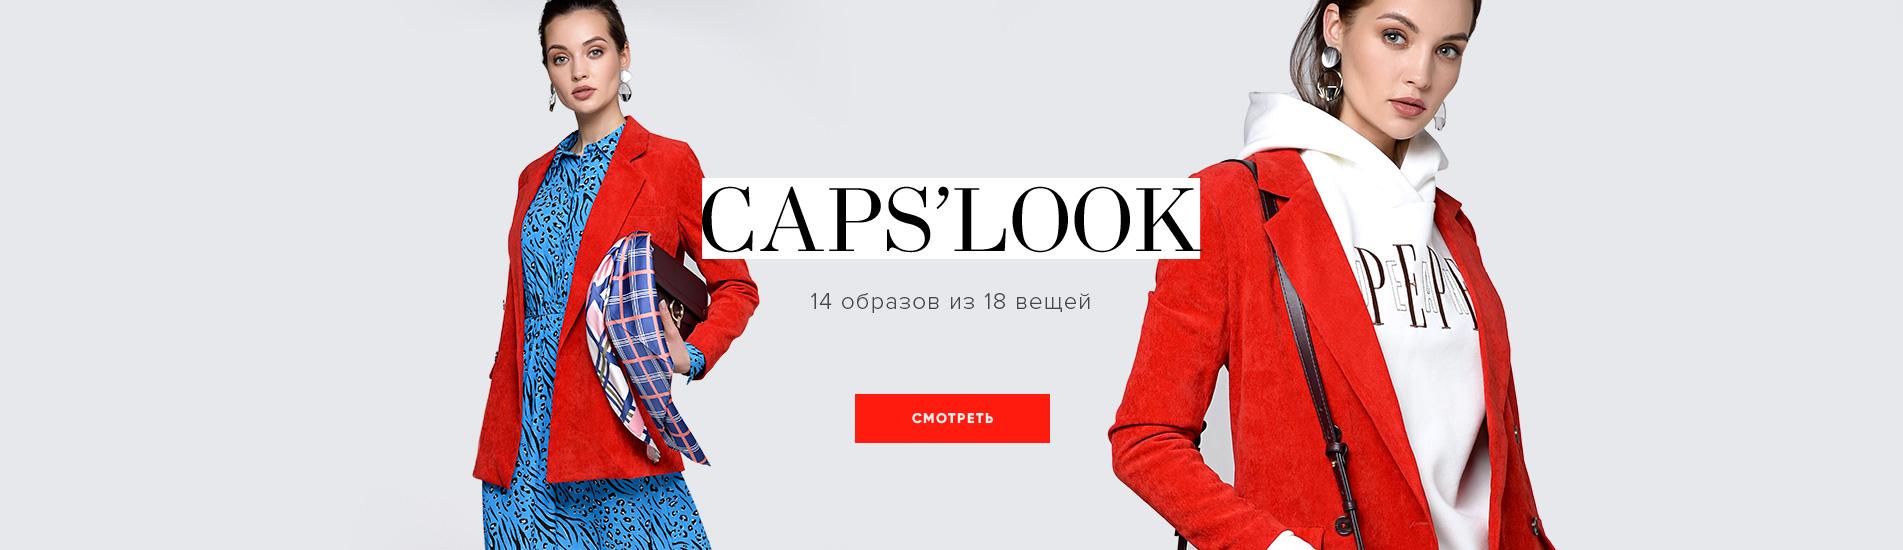 Capslook